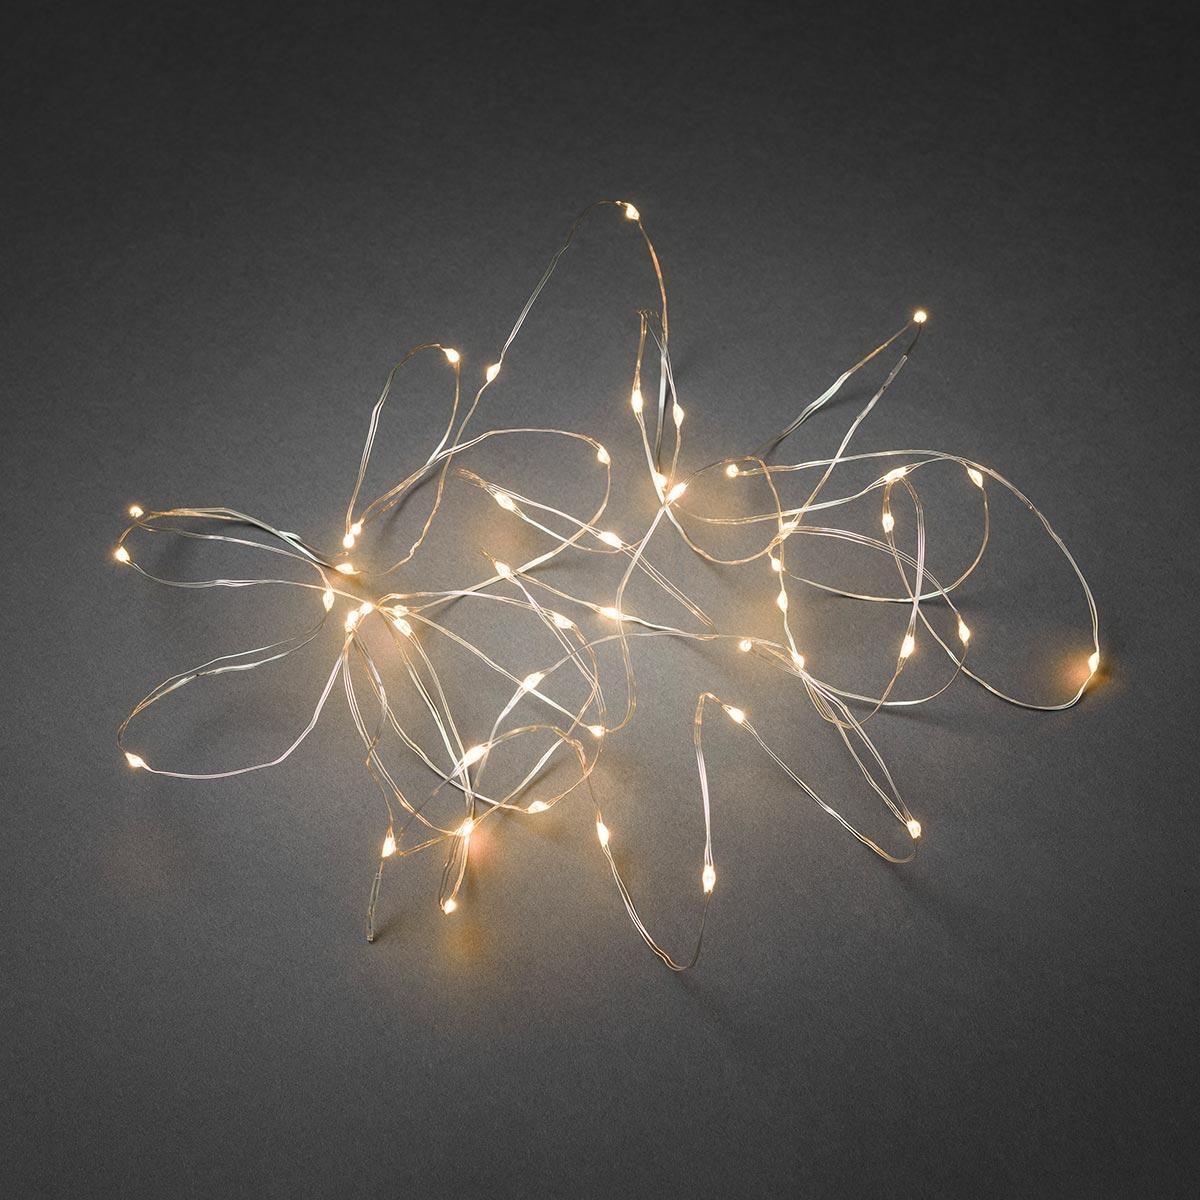 led tropfenlichterkette 50 bernsteinfarbene dioden 12v ip20 draht silber. Black Bedroom Furniture Sets. Home Design Ideas